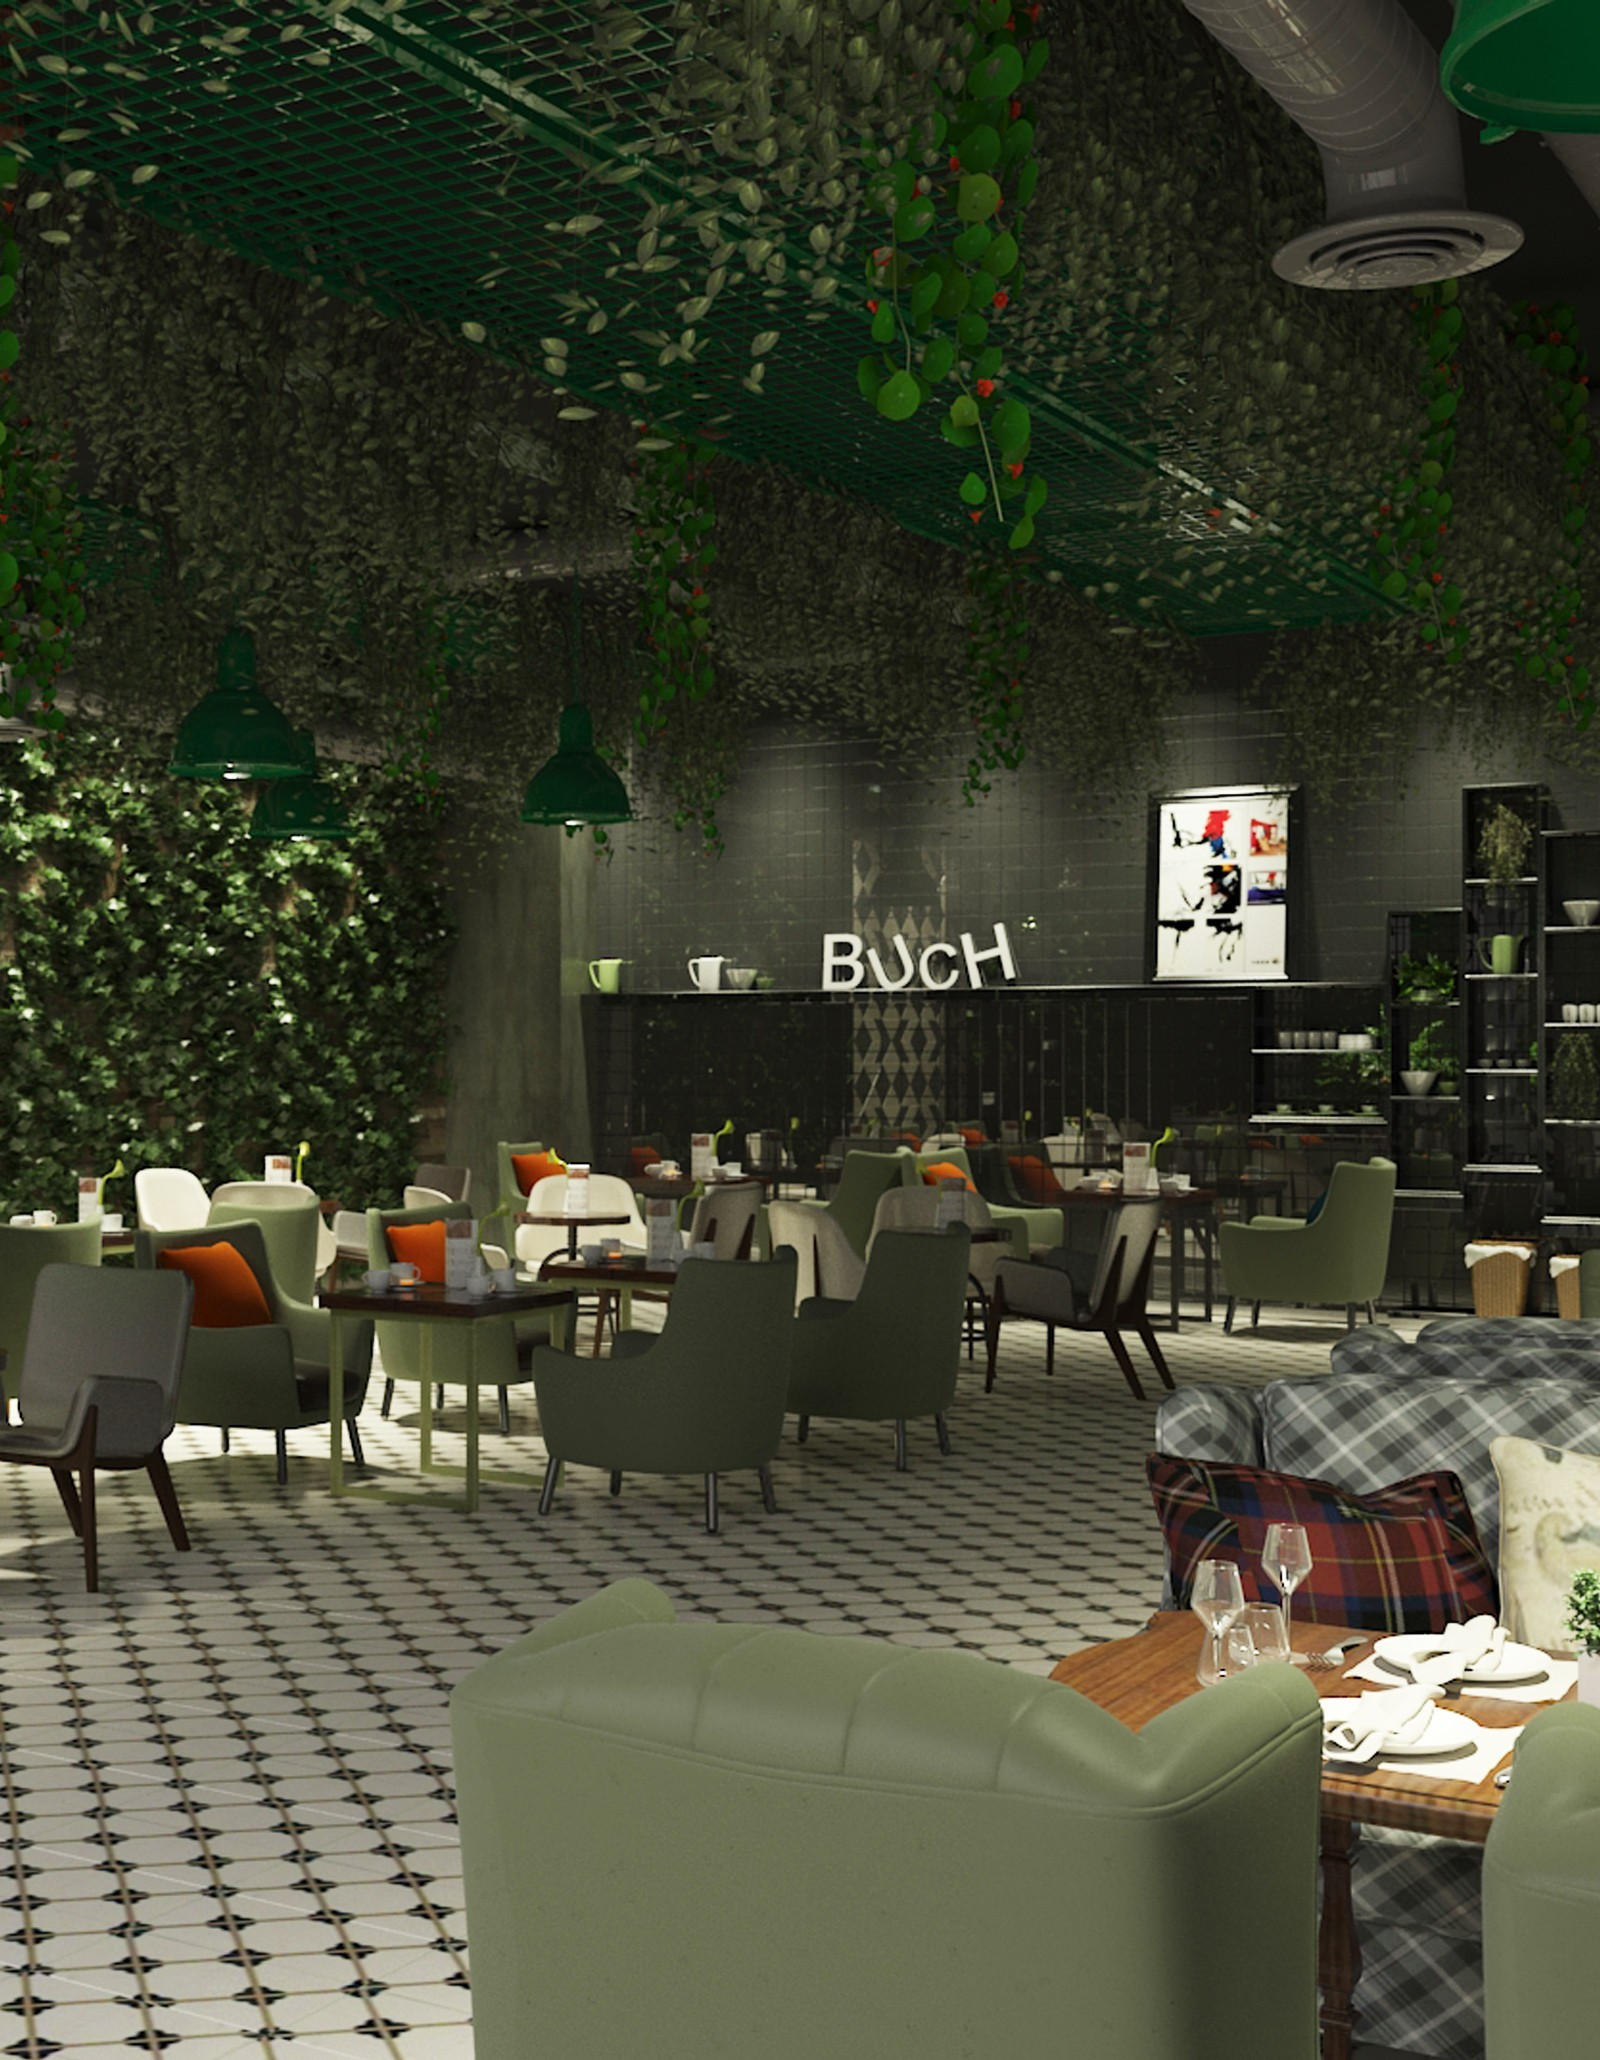 Buch Cafe